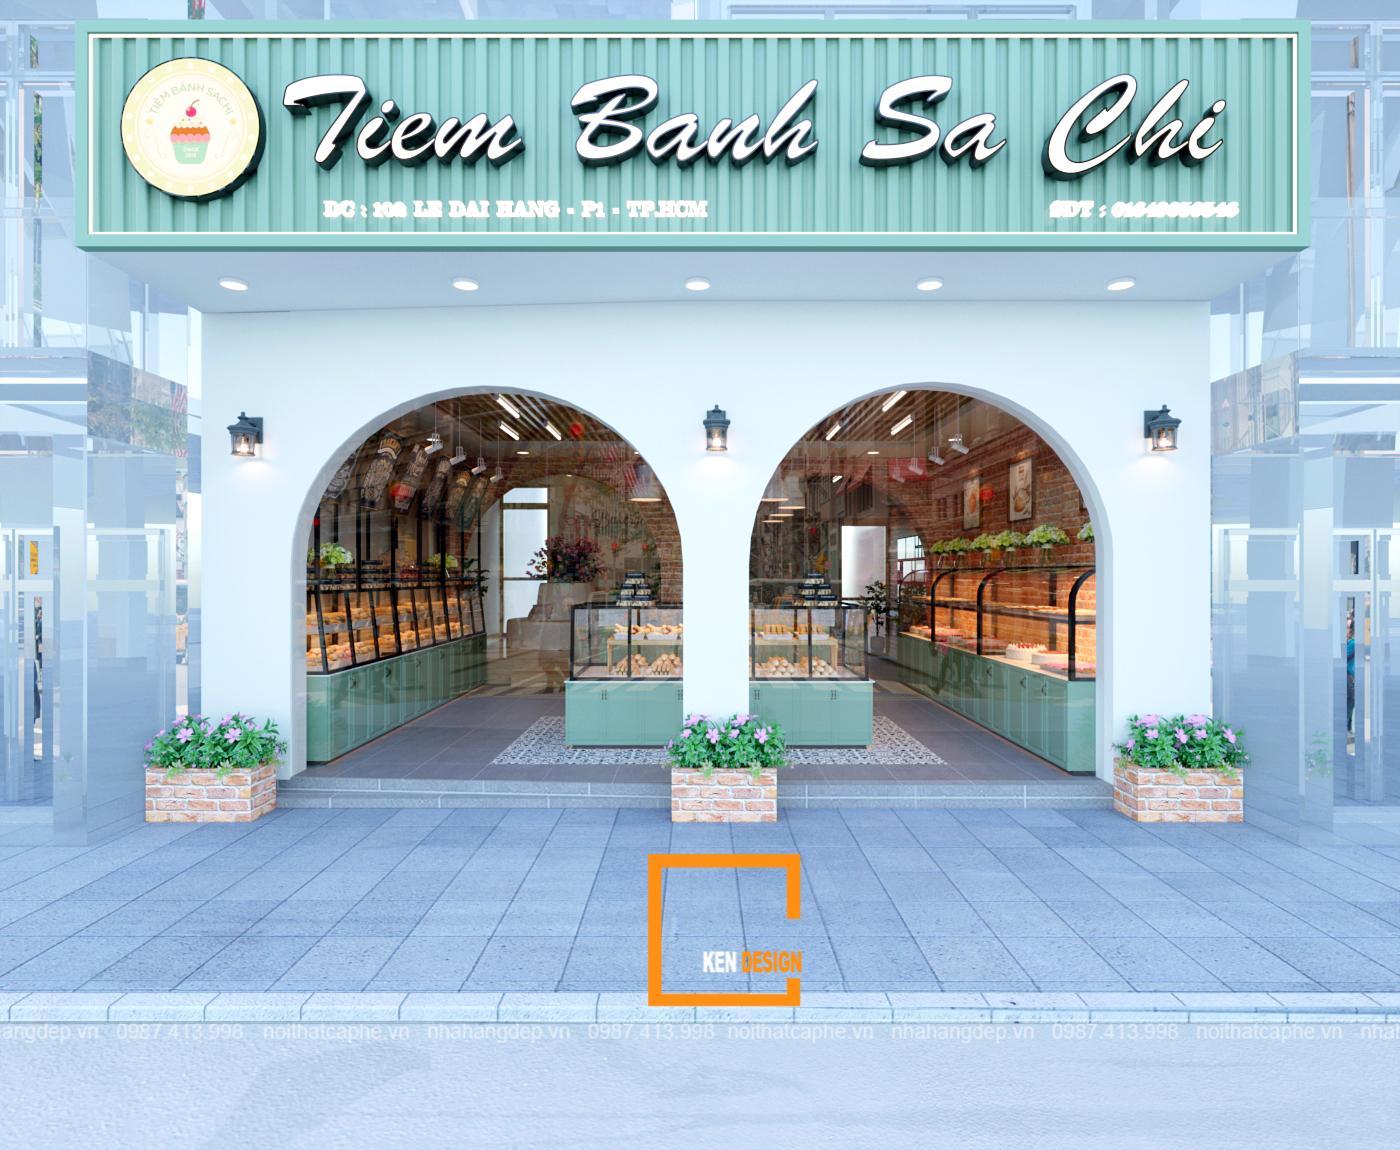 Mẫu thiết kế tiệm bánh Sachi tại Mỹ Tho